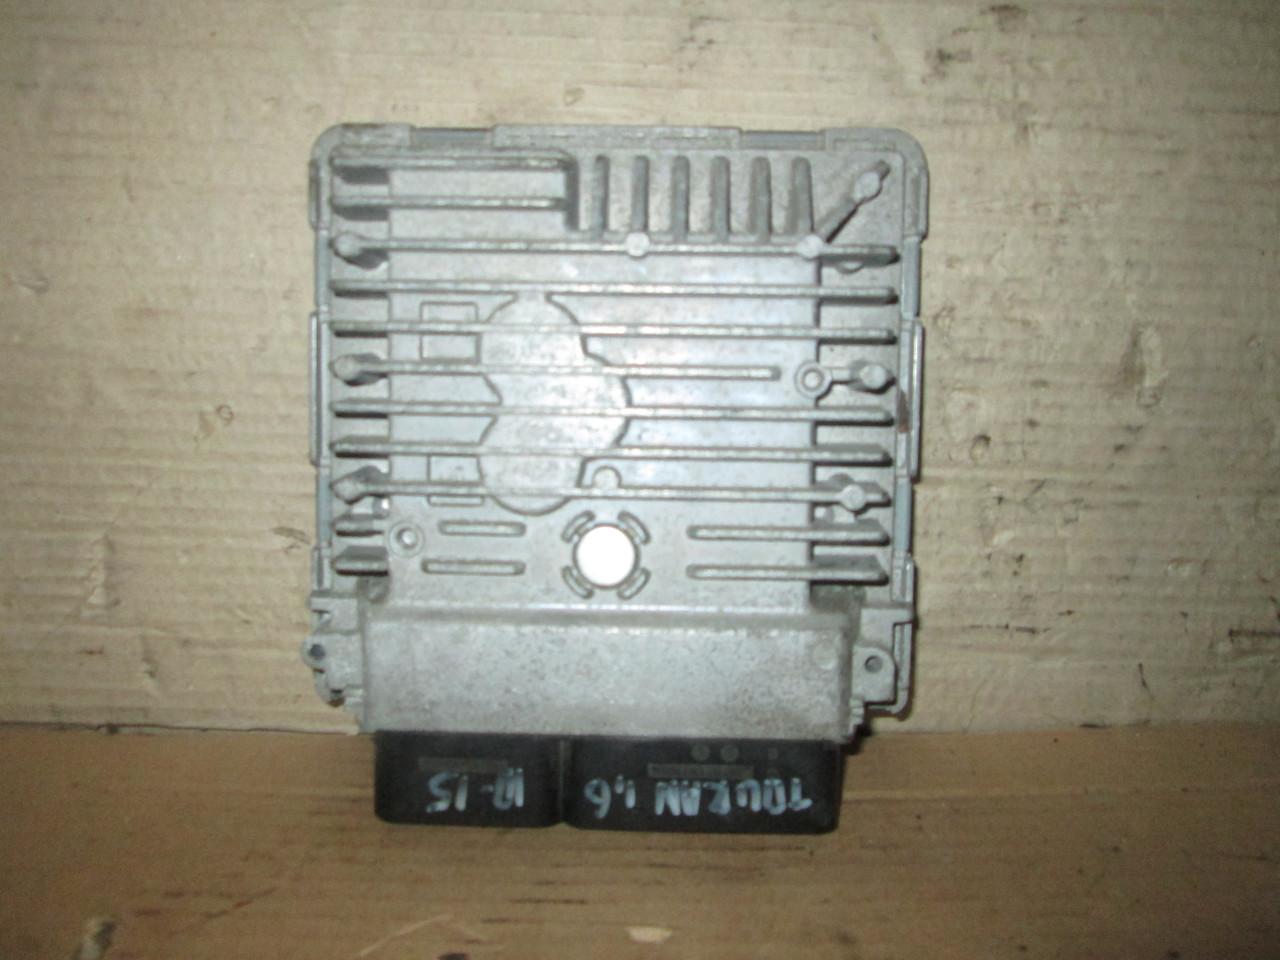 Б/у Блок управління двигуном  1,6   03L906023PG  для VW Touran 2010-2015